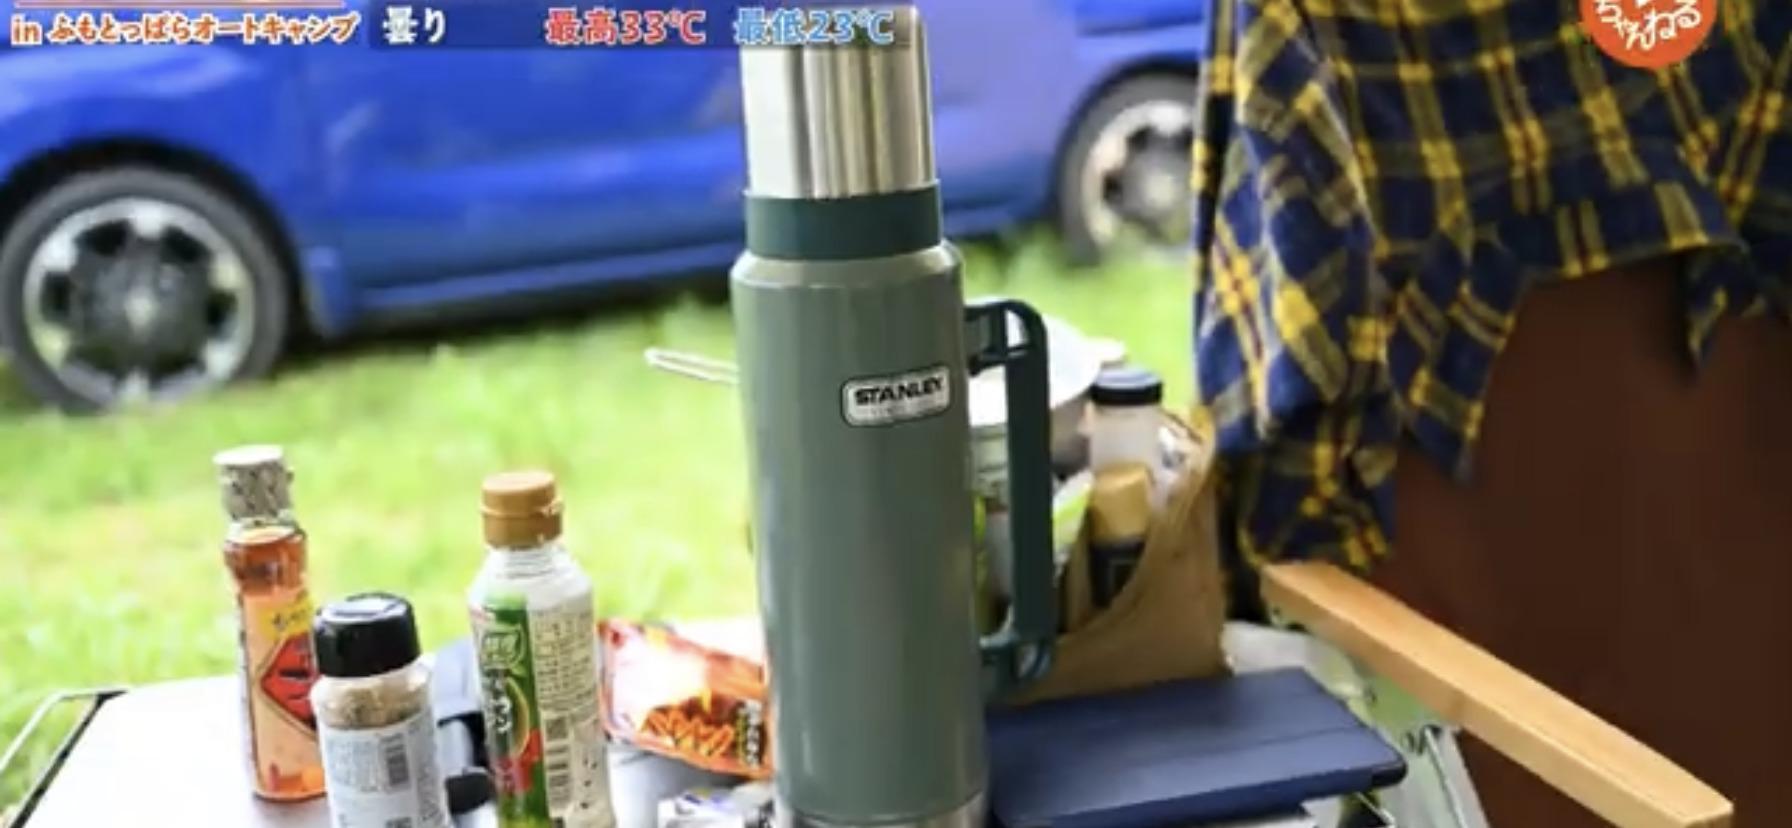 水筒:【STANLEY(スタンレー)】クラシック真空ボトル